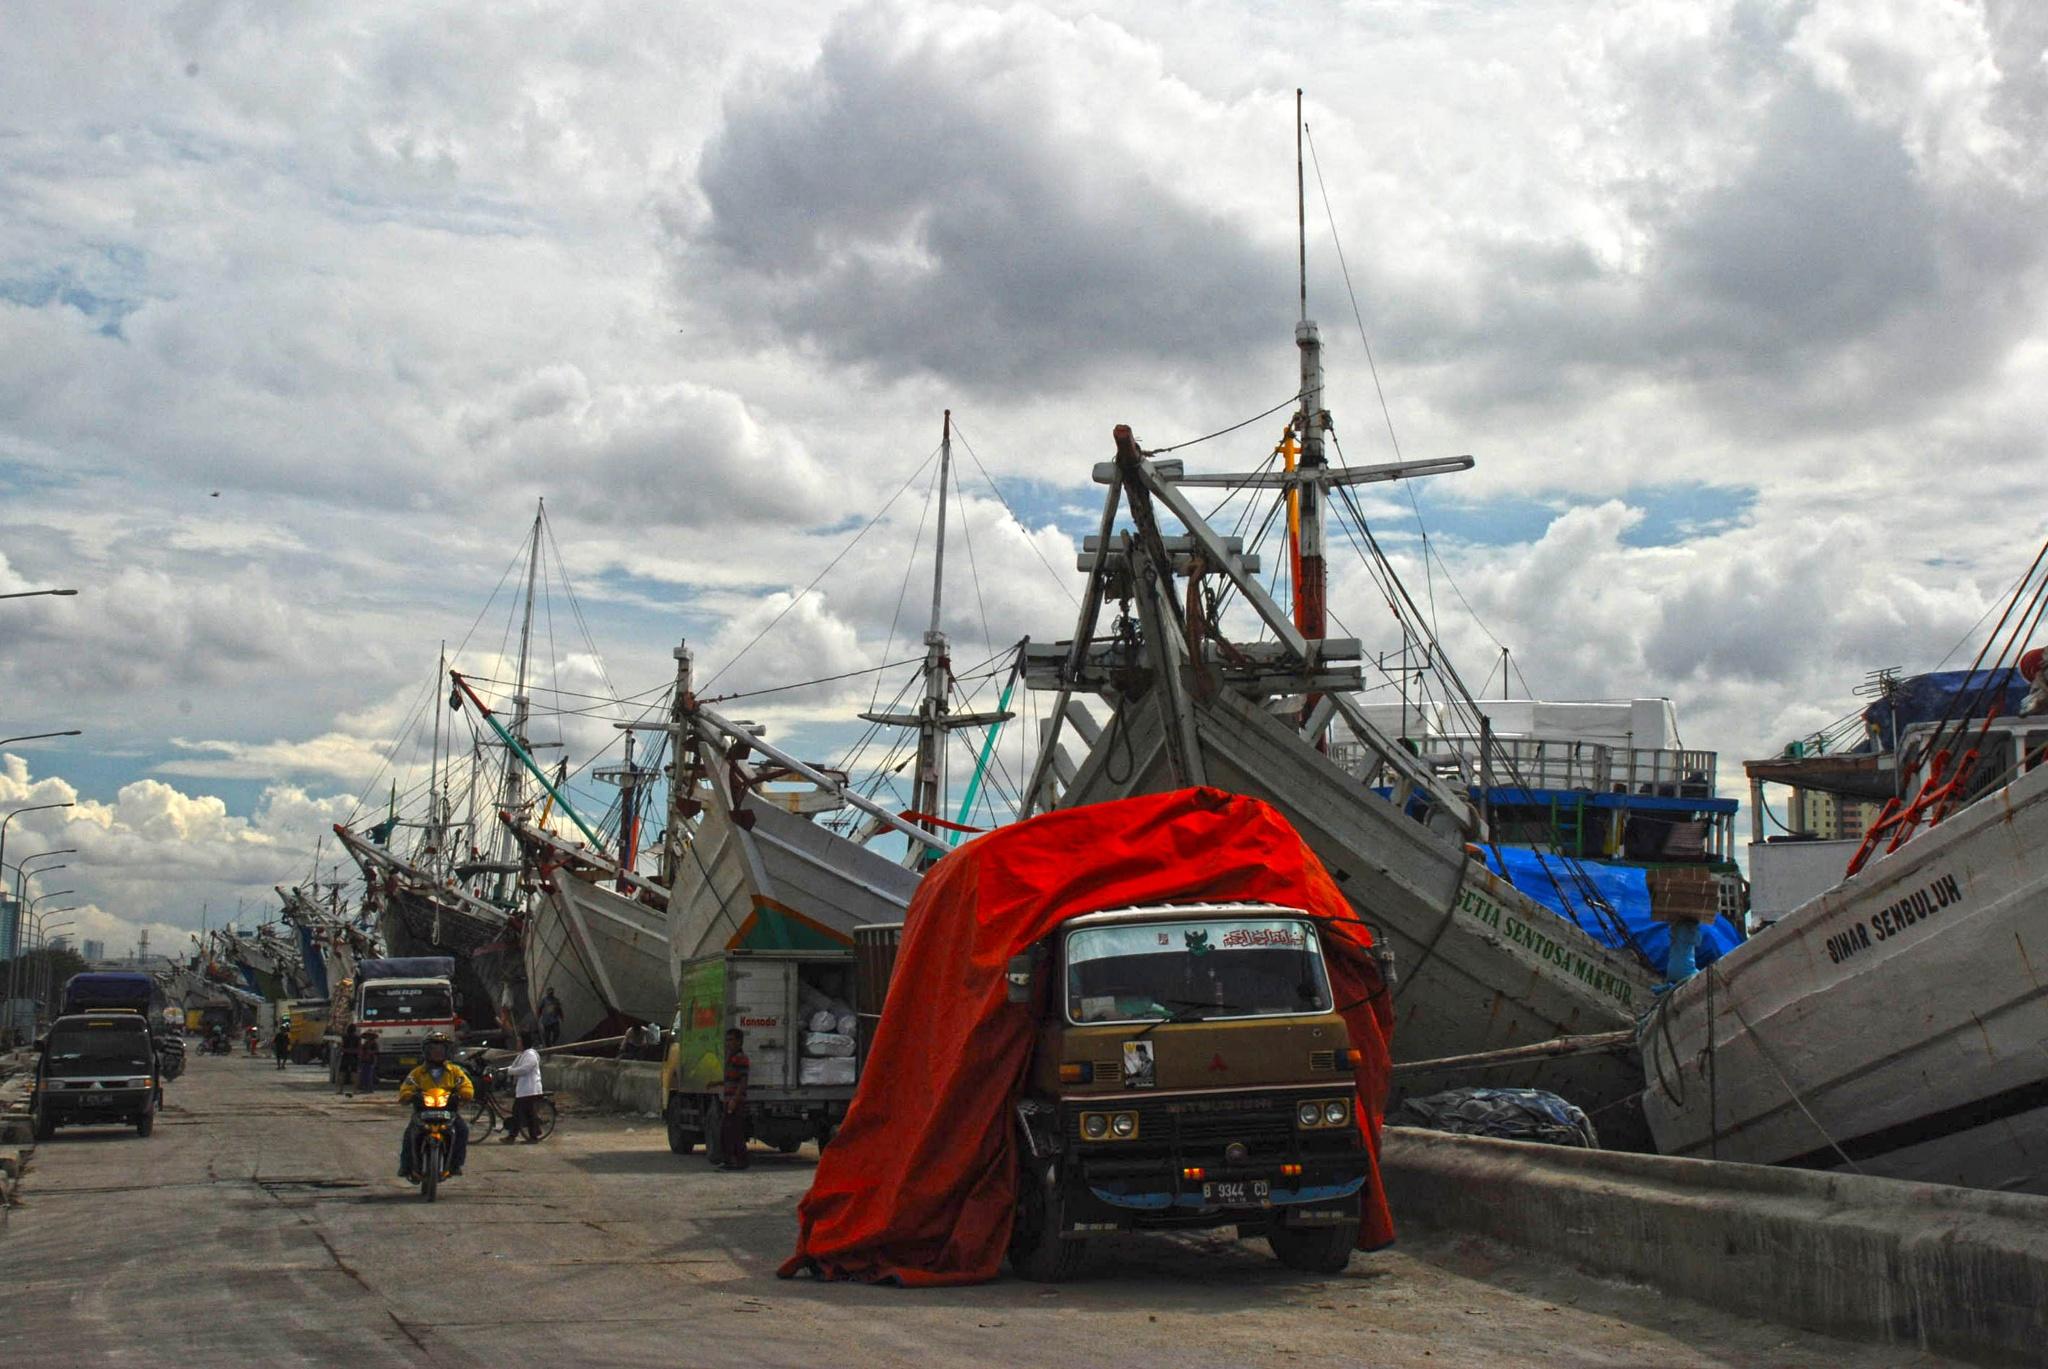 harbor by adjie tjokrosoedarmo